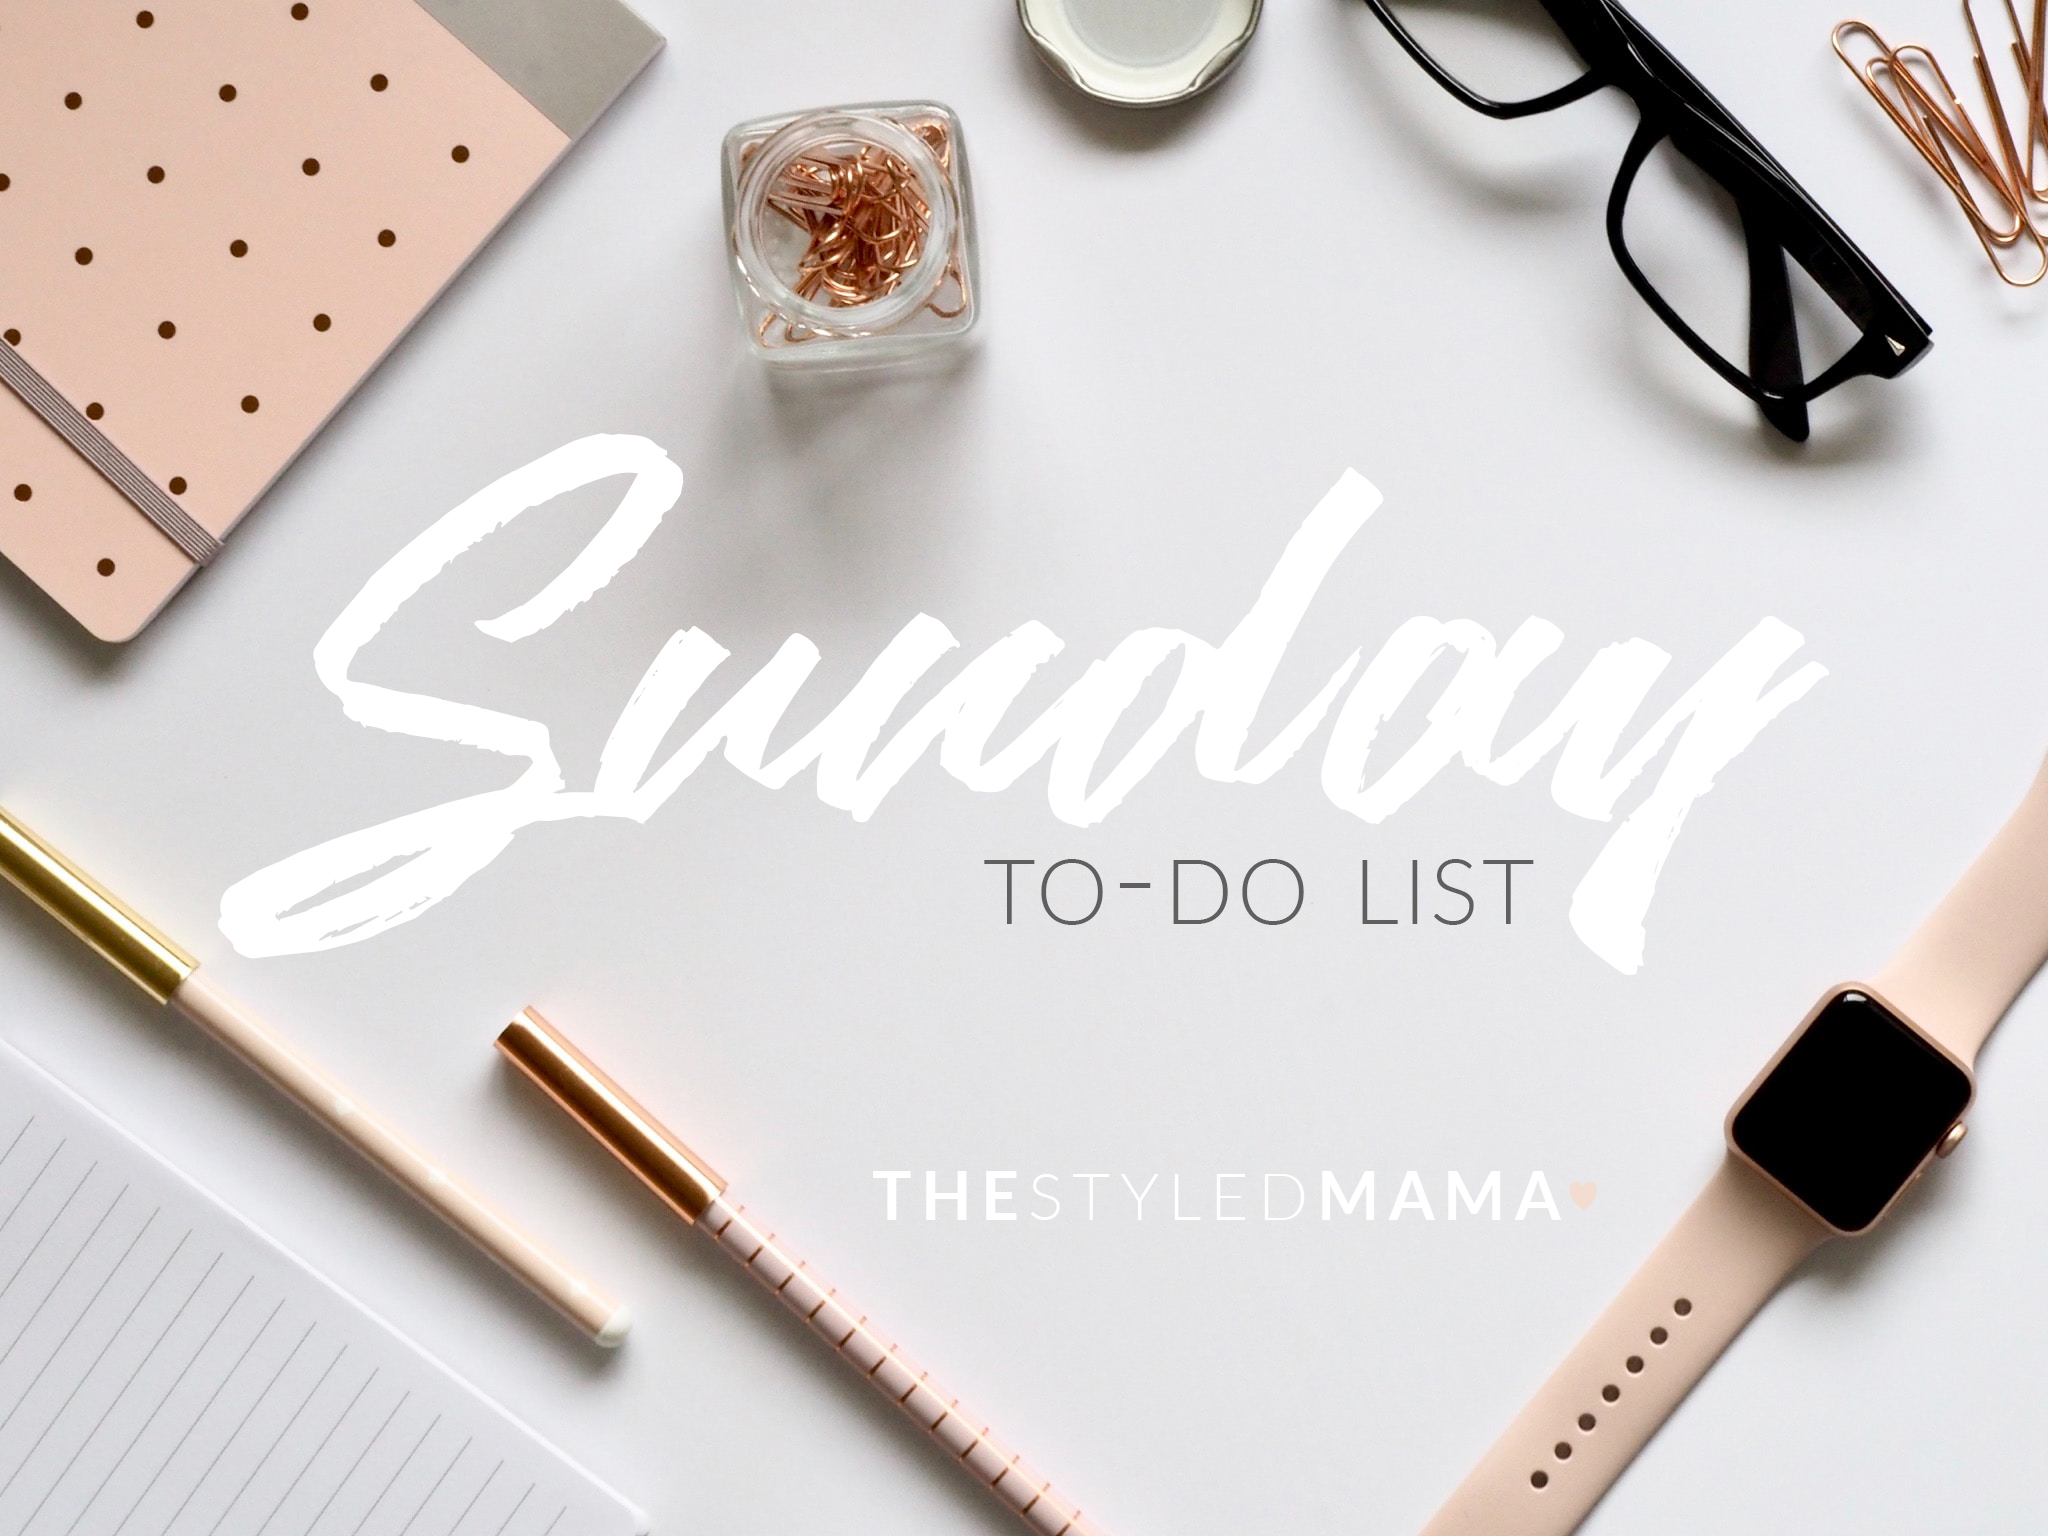 SUNDAY TO DO LIST.jpg